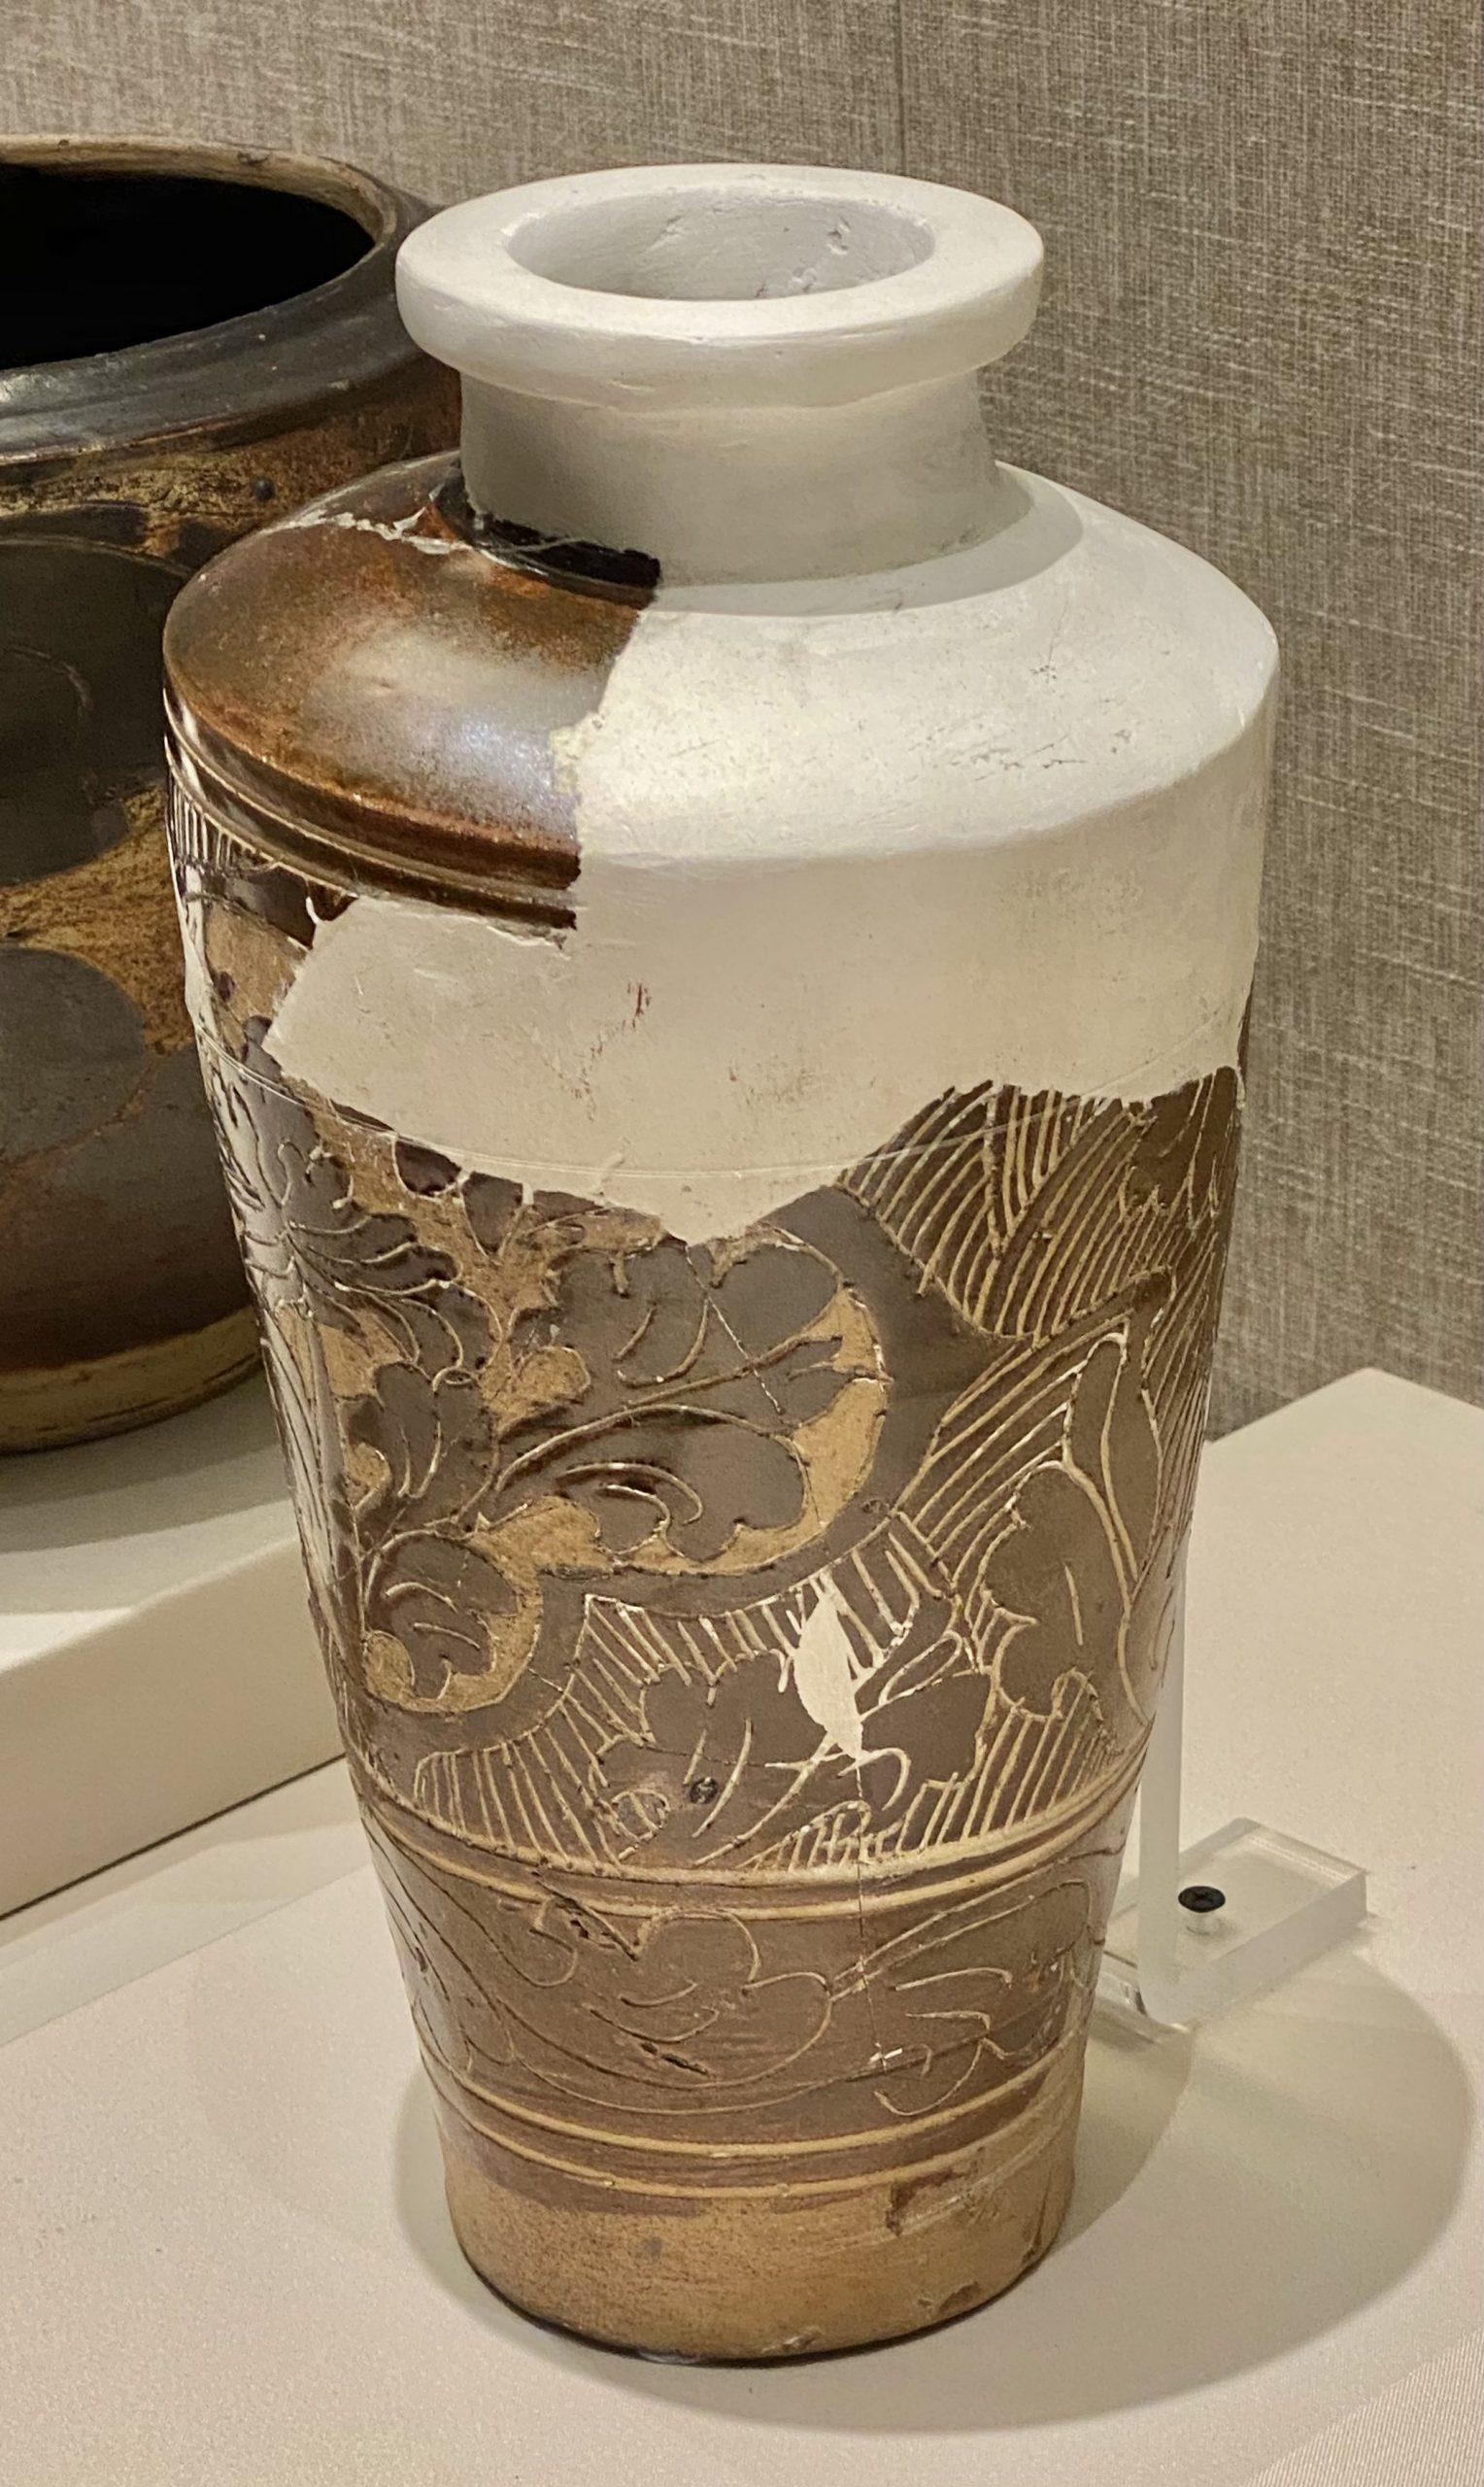 褐釉剔花頚瓶-西夏-巡回特別展【天歌長歌-唐蕃古道】-四川博物館